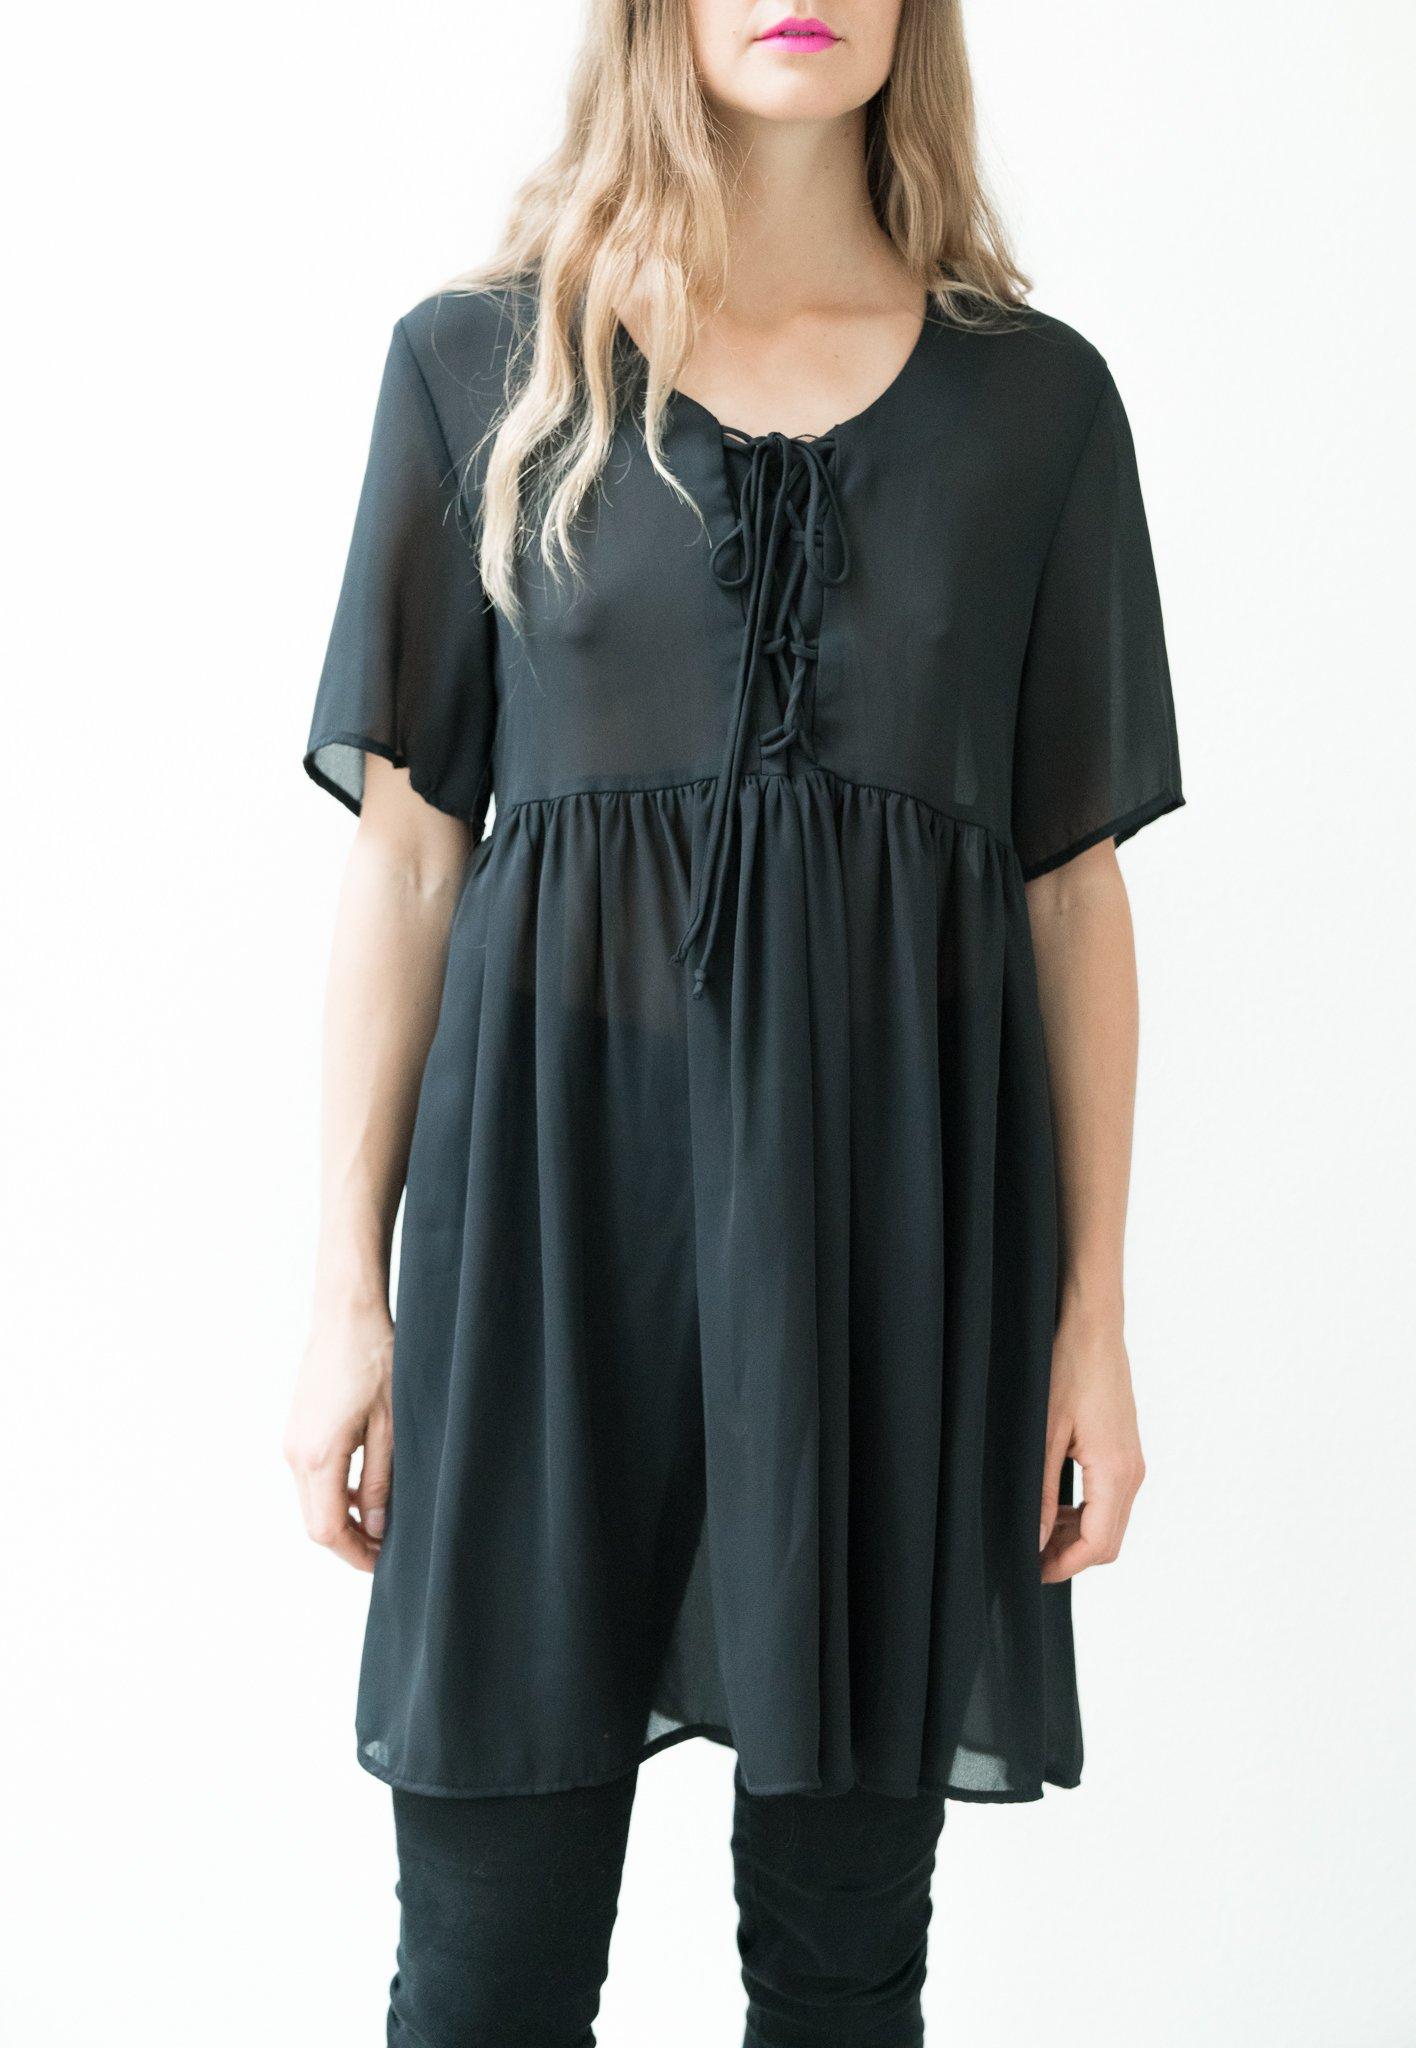 Backtalk Pdx Vintage Sheer Black Lace Up Babydoll Dress